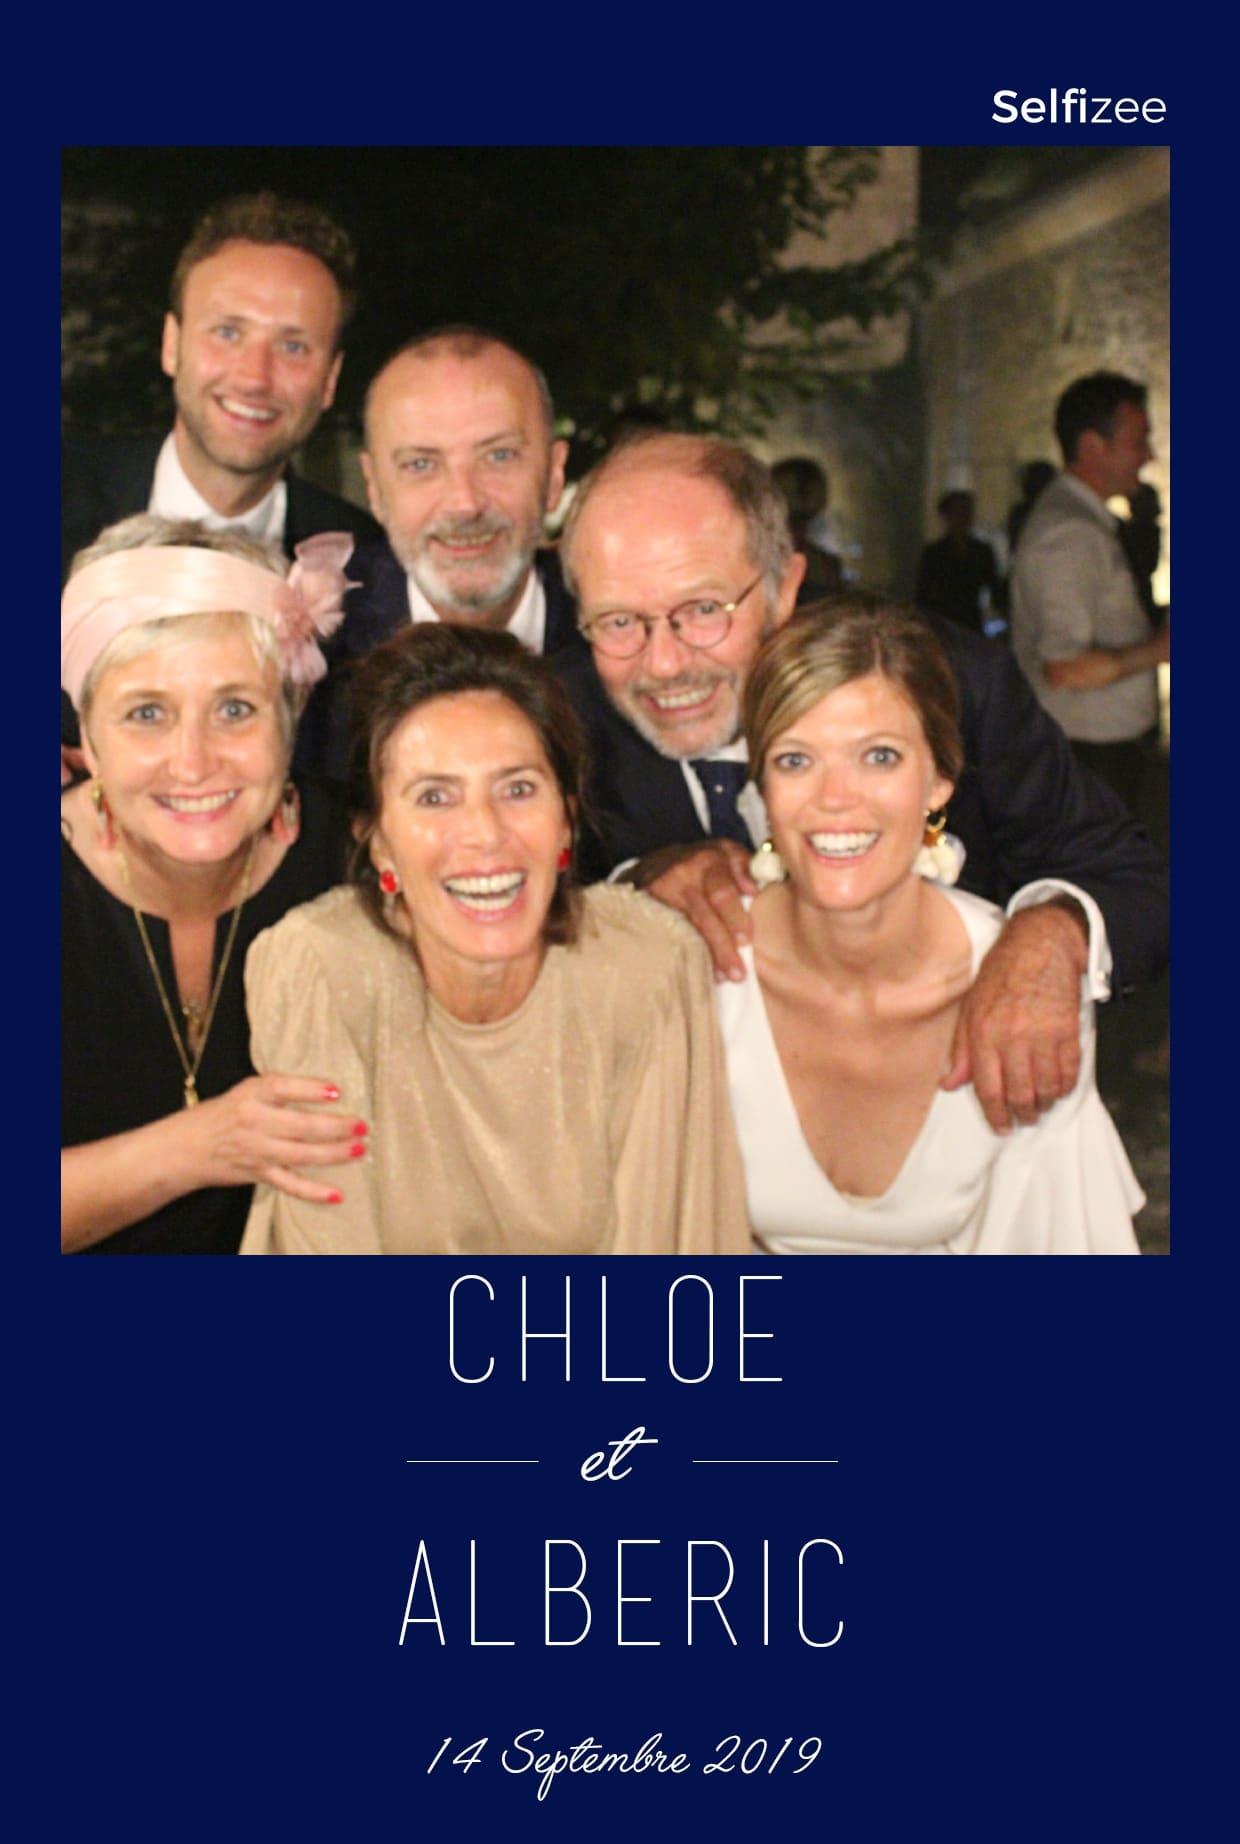 Photo personnalisée mariage Cannes avec borne selfie à louer pour animation mariage, fête, anniversaire, baptême, soirée dans les Alpes Maritimes